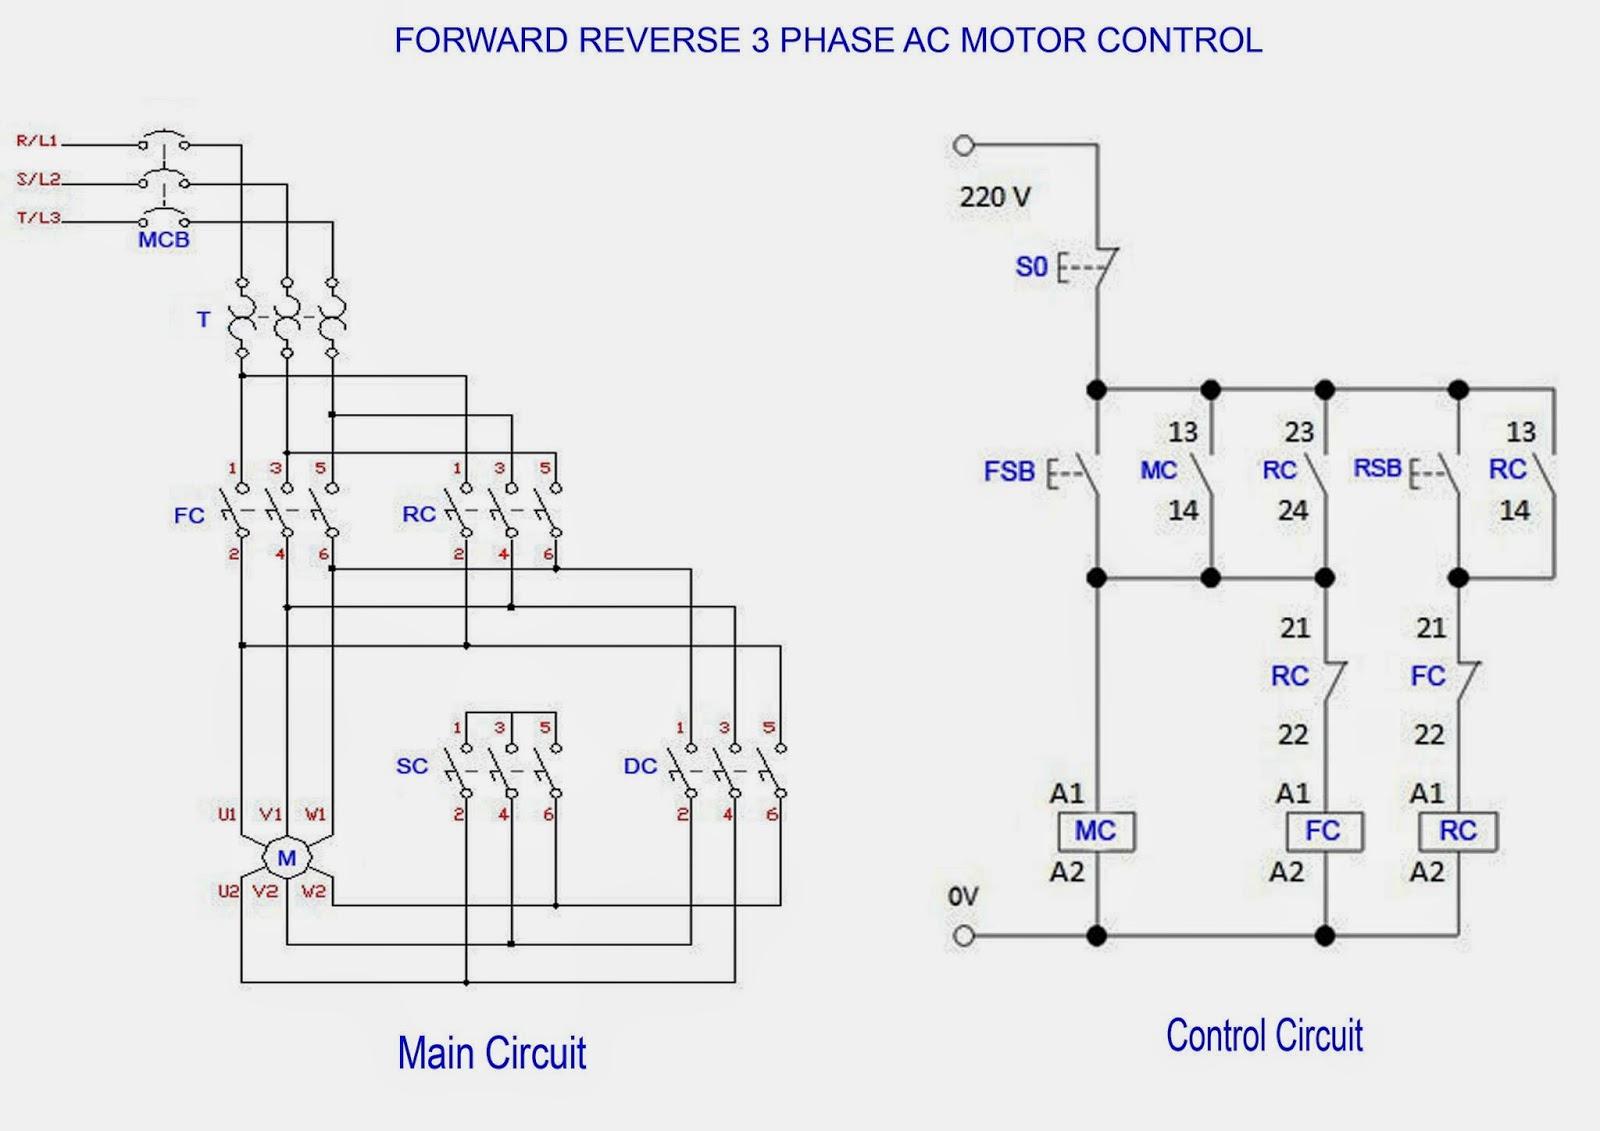 Three Phase Wiring Diagram Motor | Schematic Diagram - Three Phase Motor Wiring Diagram